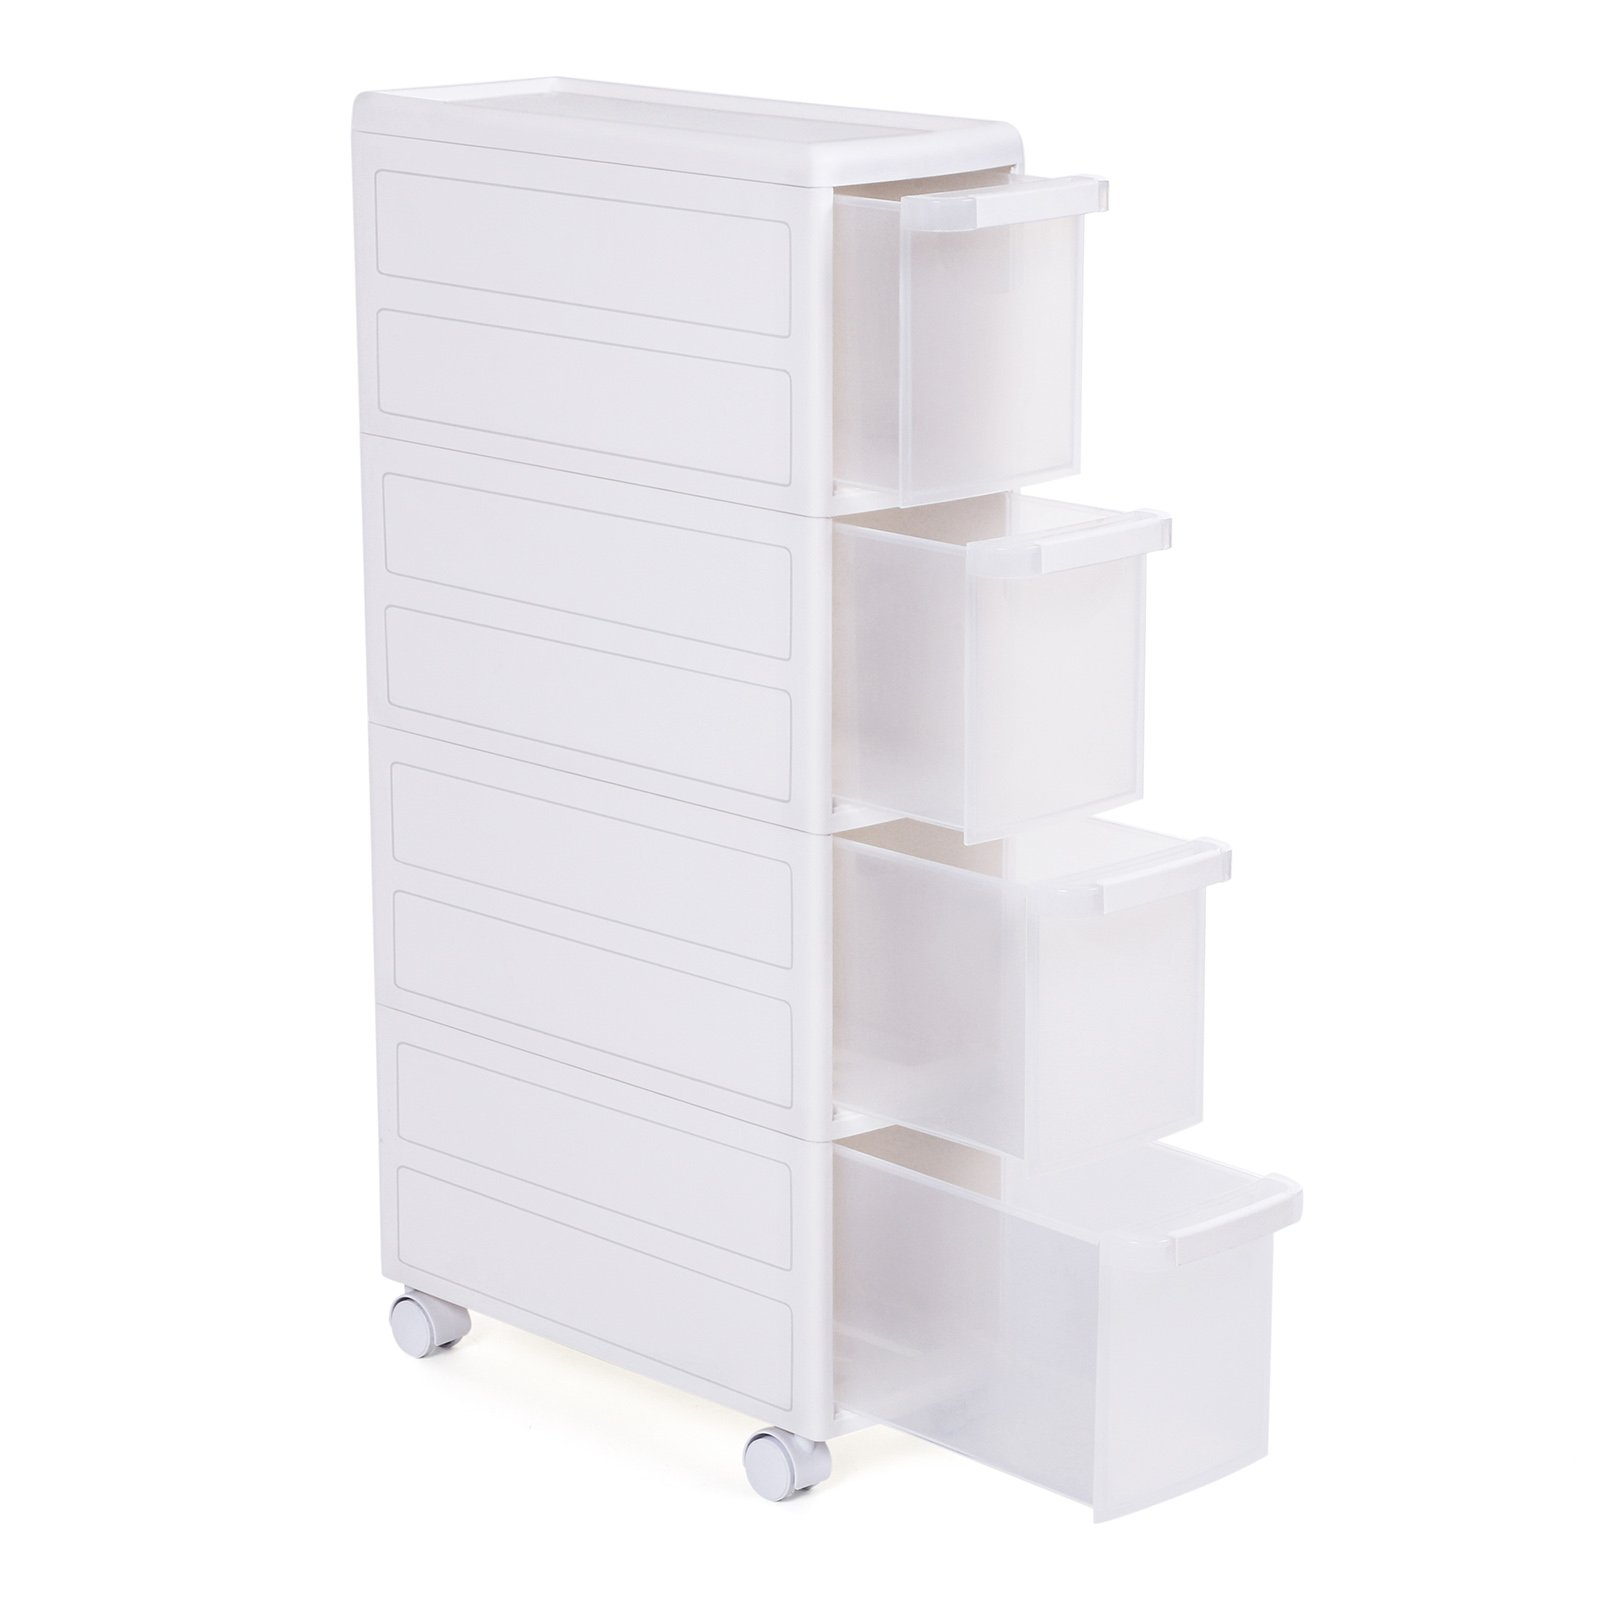 SONGMICS Carrito estrecho con ruedas Estantería de almacenamiento con cajones 4 Niveles Utilizable por separado Plástico